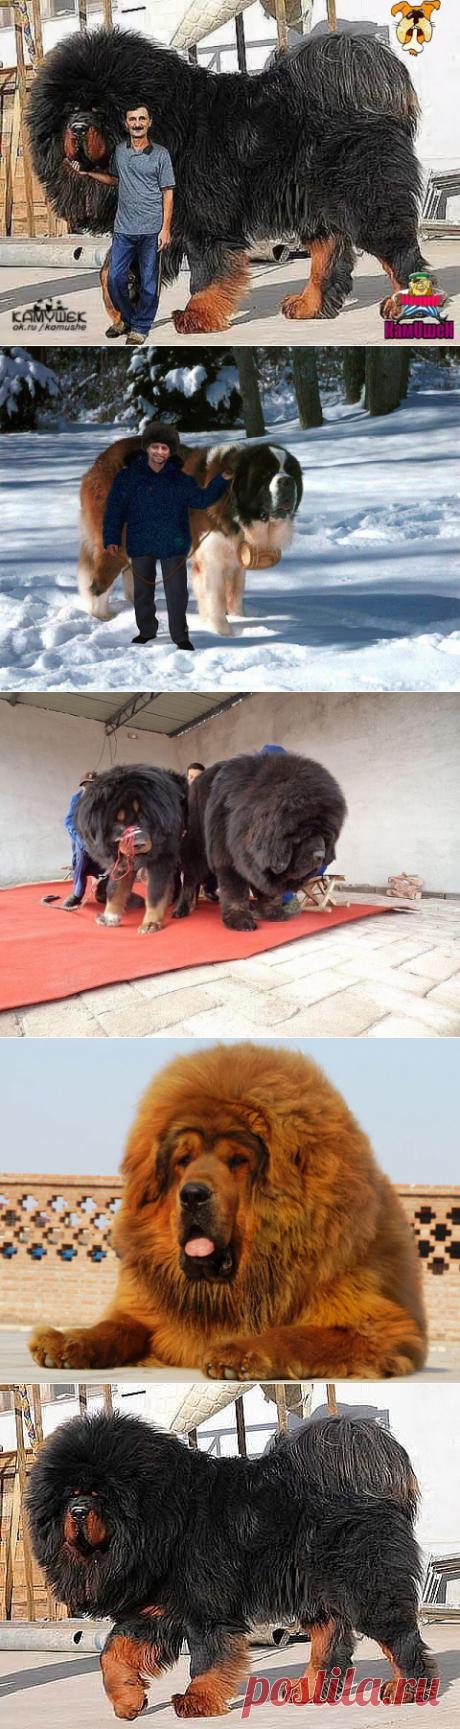 эти собаки максимум в холке 90 см    и весом до 90кг.остальное мех и стоимость от 25000 до200000 с документами.такие собаки не для лентяев.они страдают ожирением